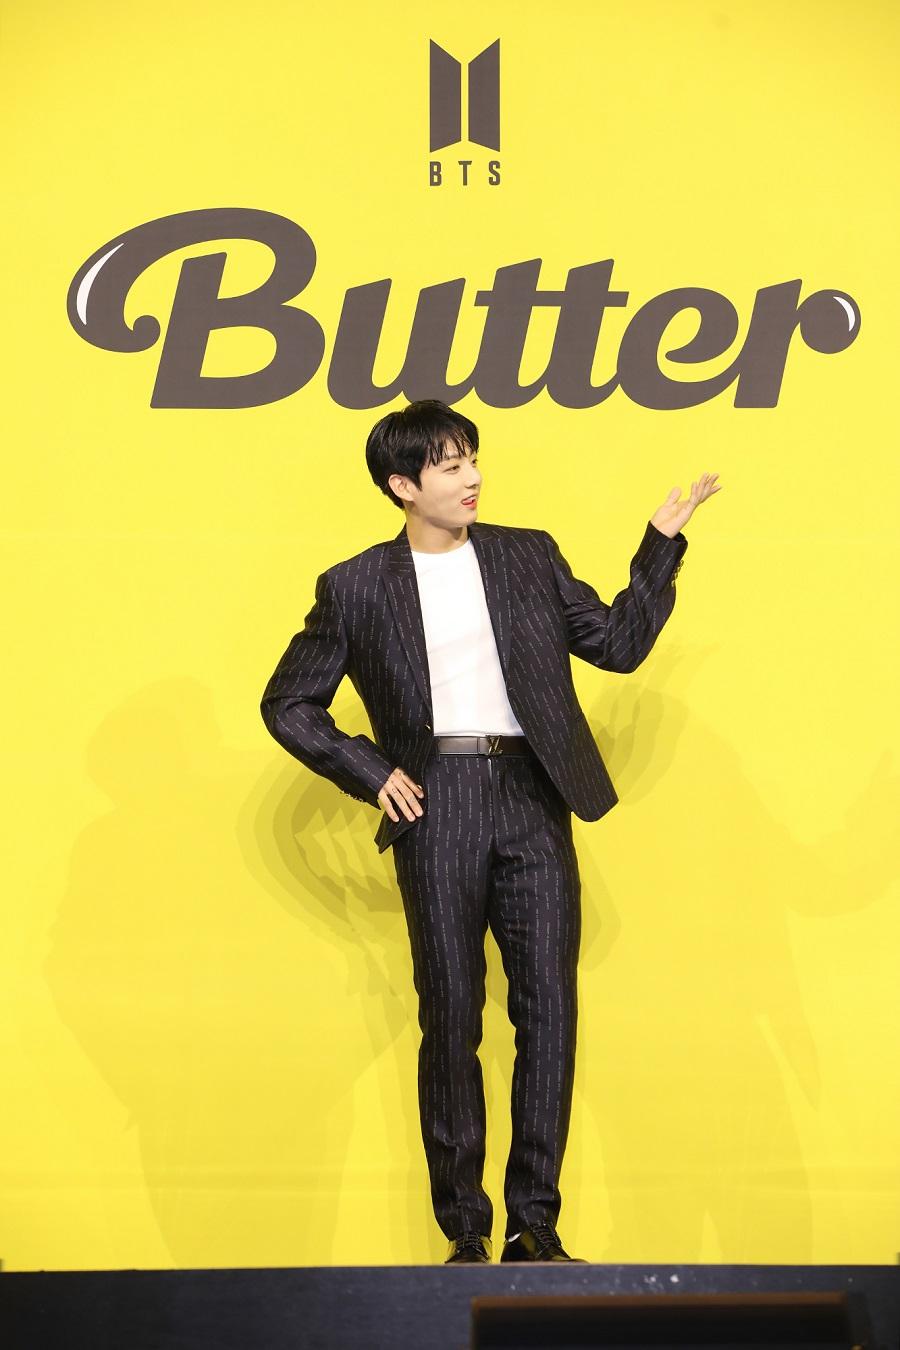 BTS JUNG KOOK_Butter GlobalPress (2)